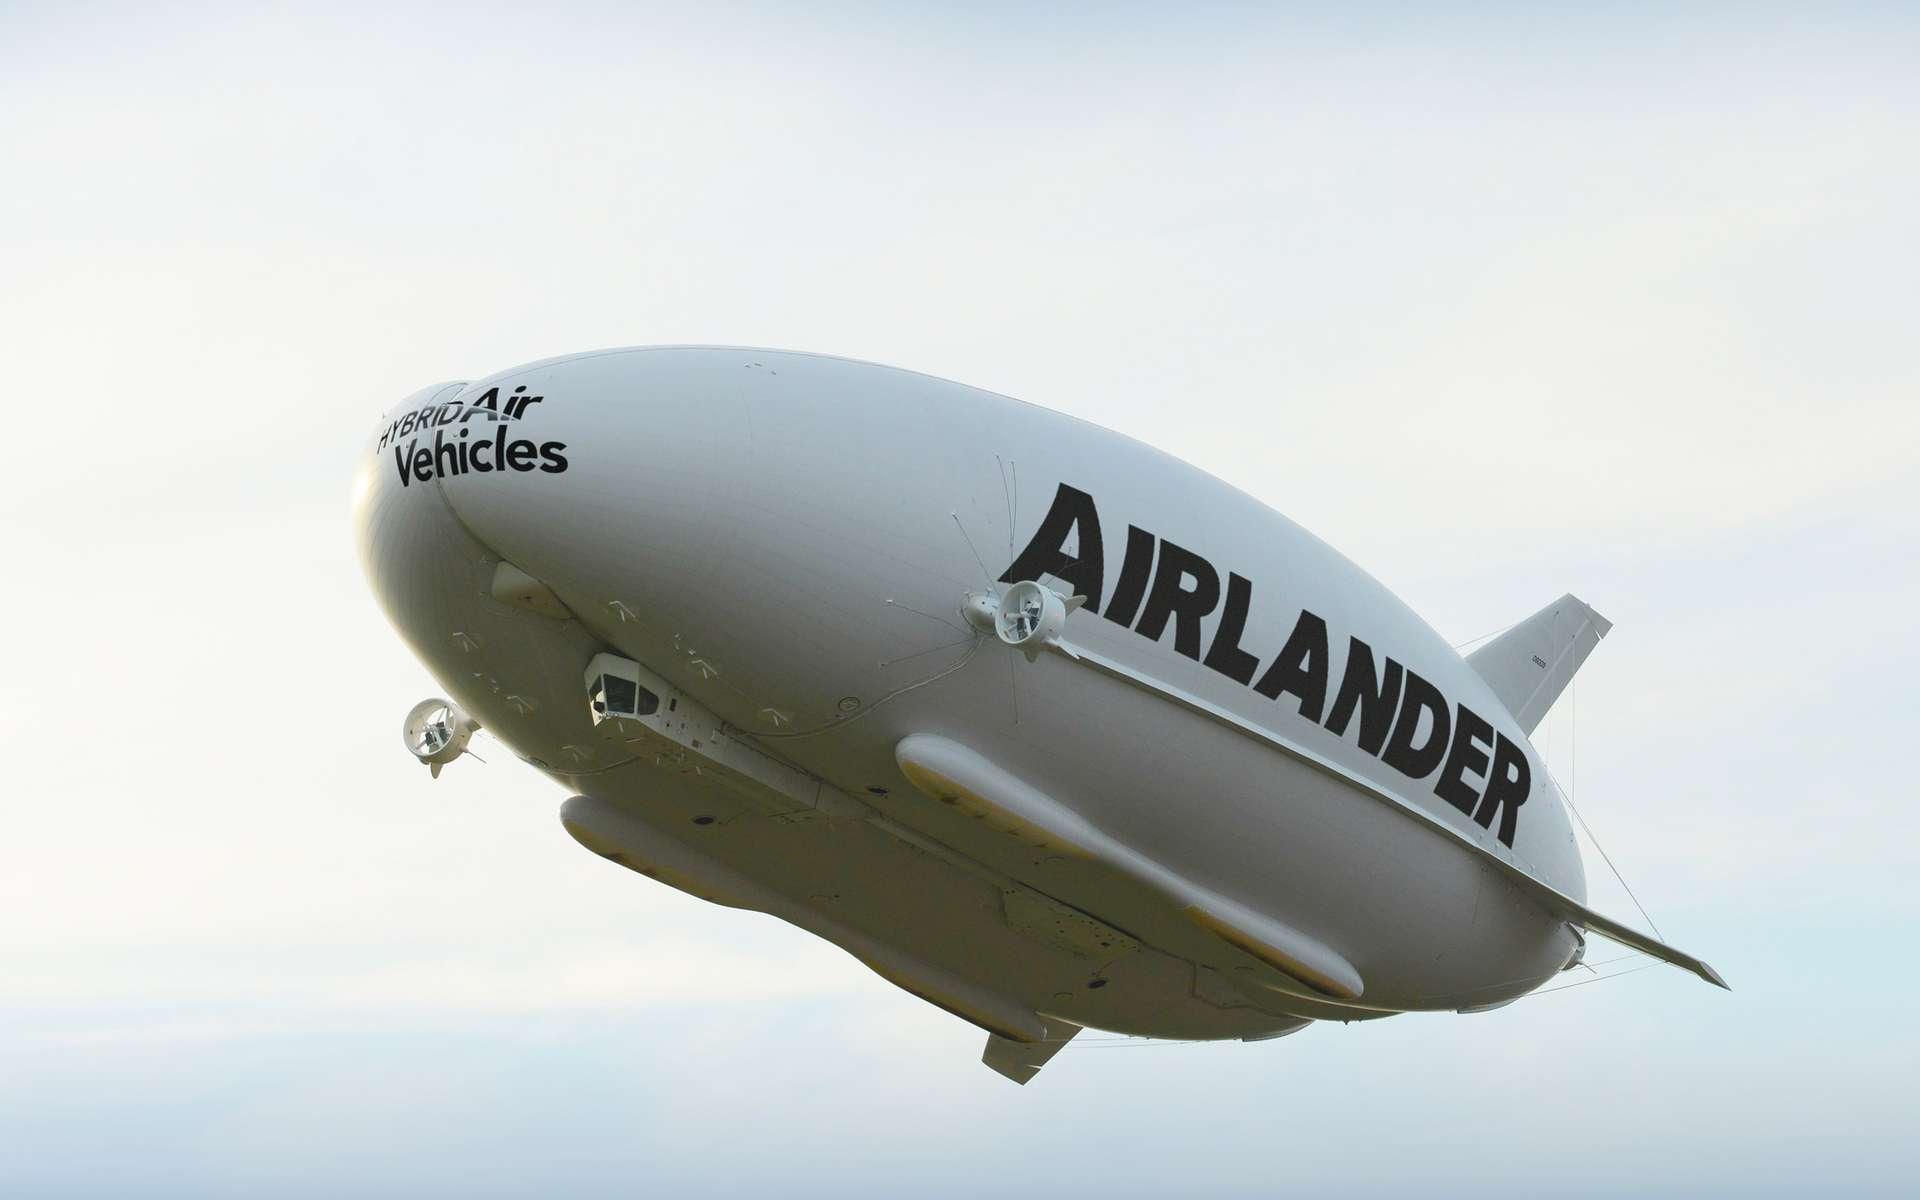 Lors de son vol d'essai, l'Airlander 10 a atteint une altitude de 150 mètres et une vitesse de 65 km/h. Une fois opérationnel, il sera capable de voler à une altitude de 4.880 mètres et d'avoir une vitesse de croisière de 148 km/h. © Airlander